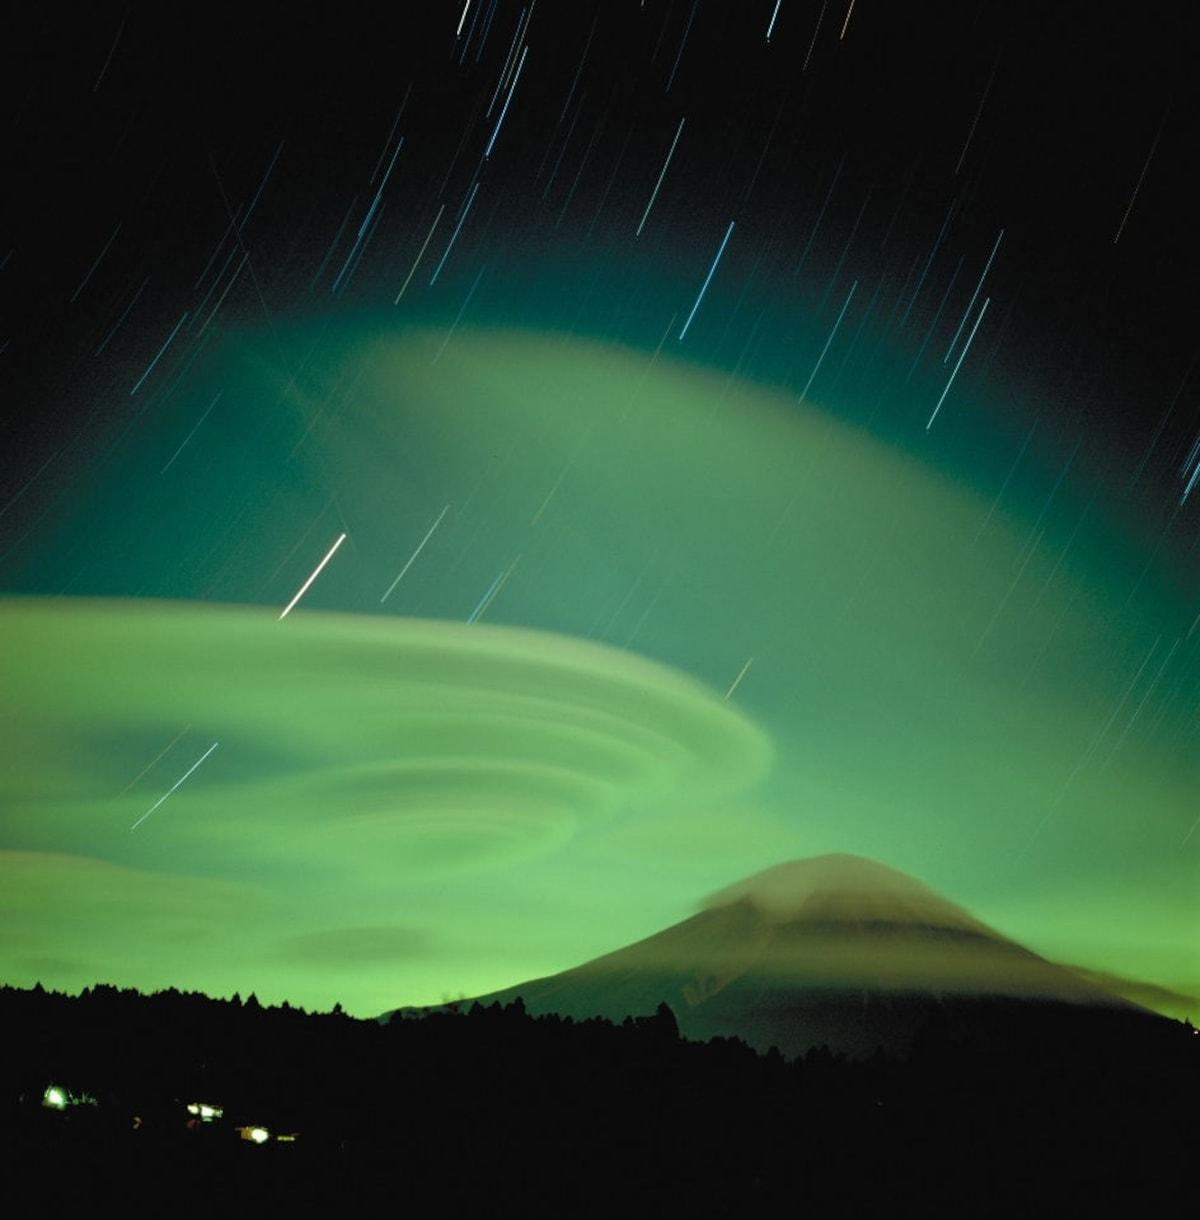 云中富士山 (照片均为摄影家岛野孝一拍摄)